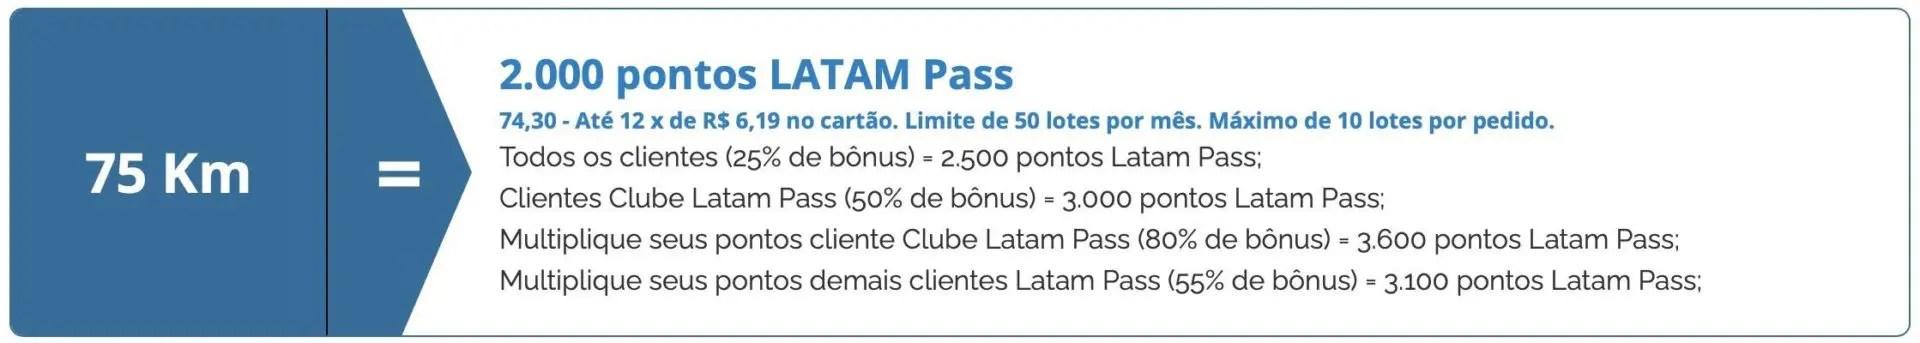 Km 50% bônus LATAM